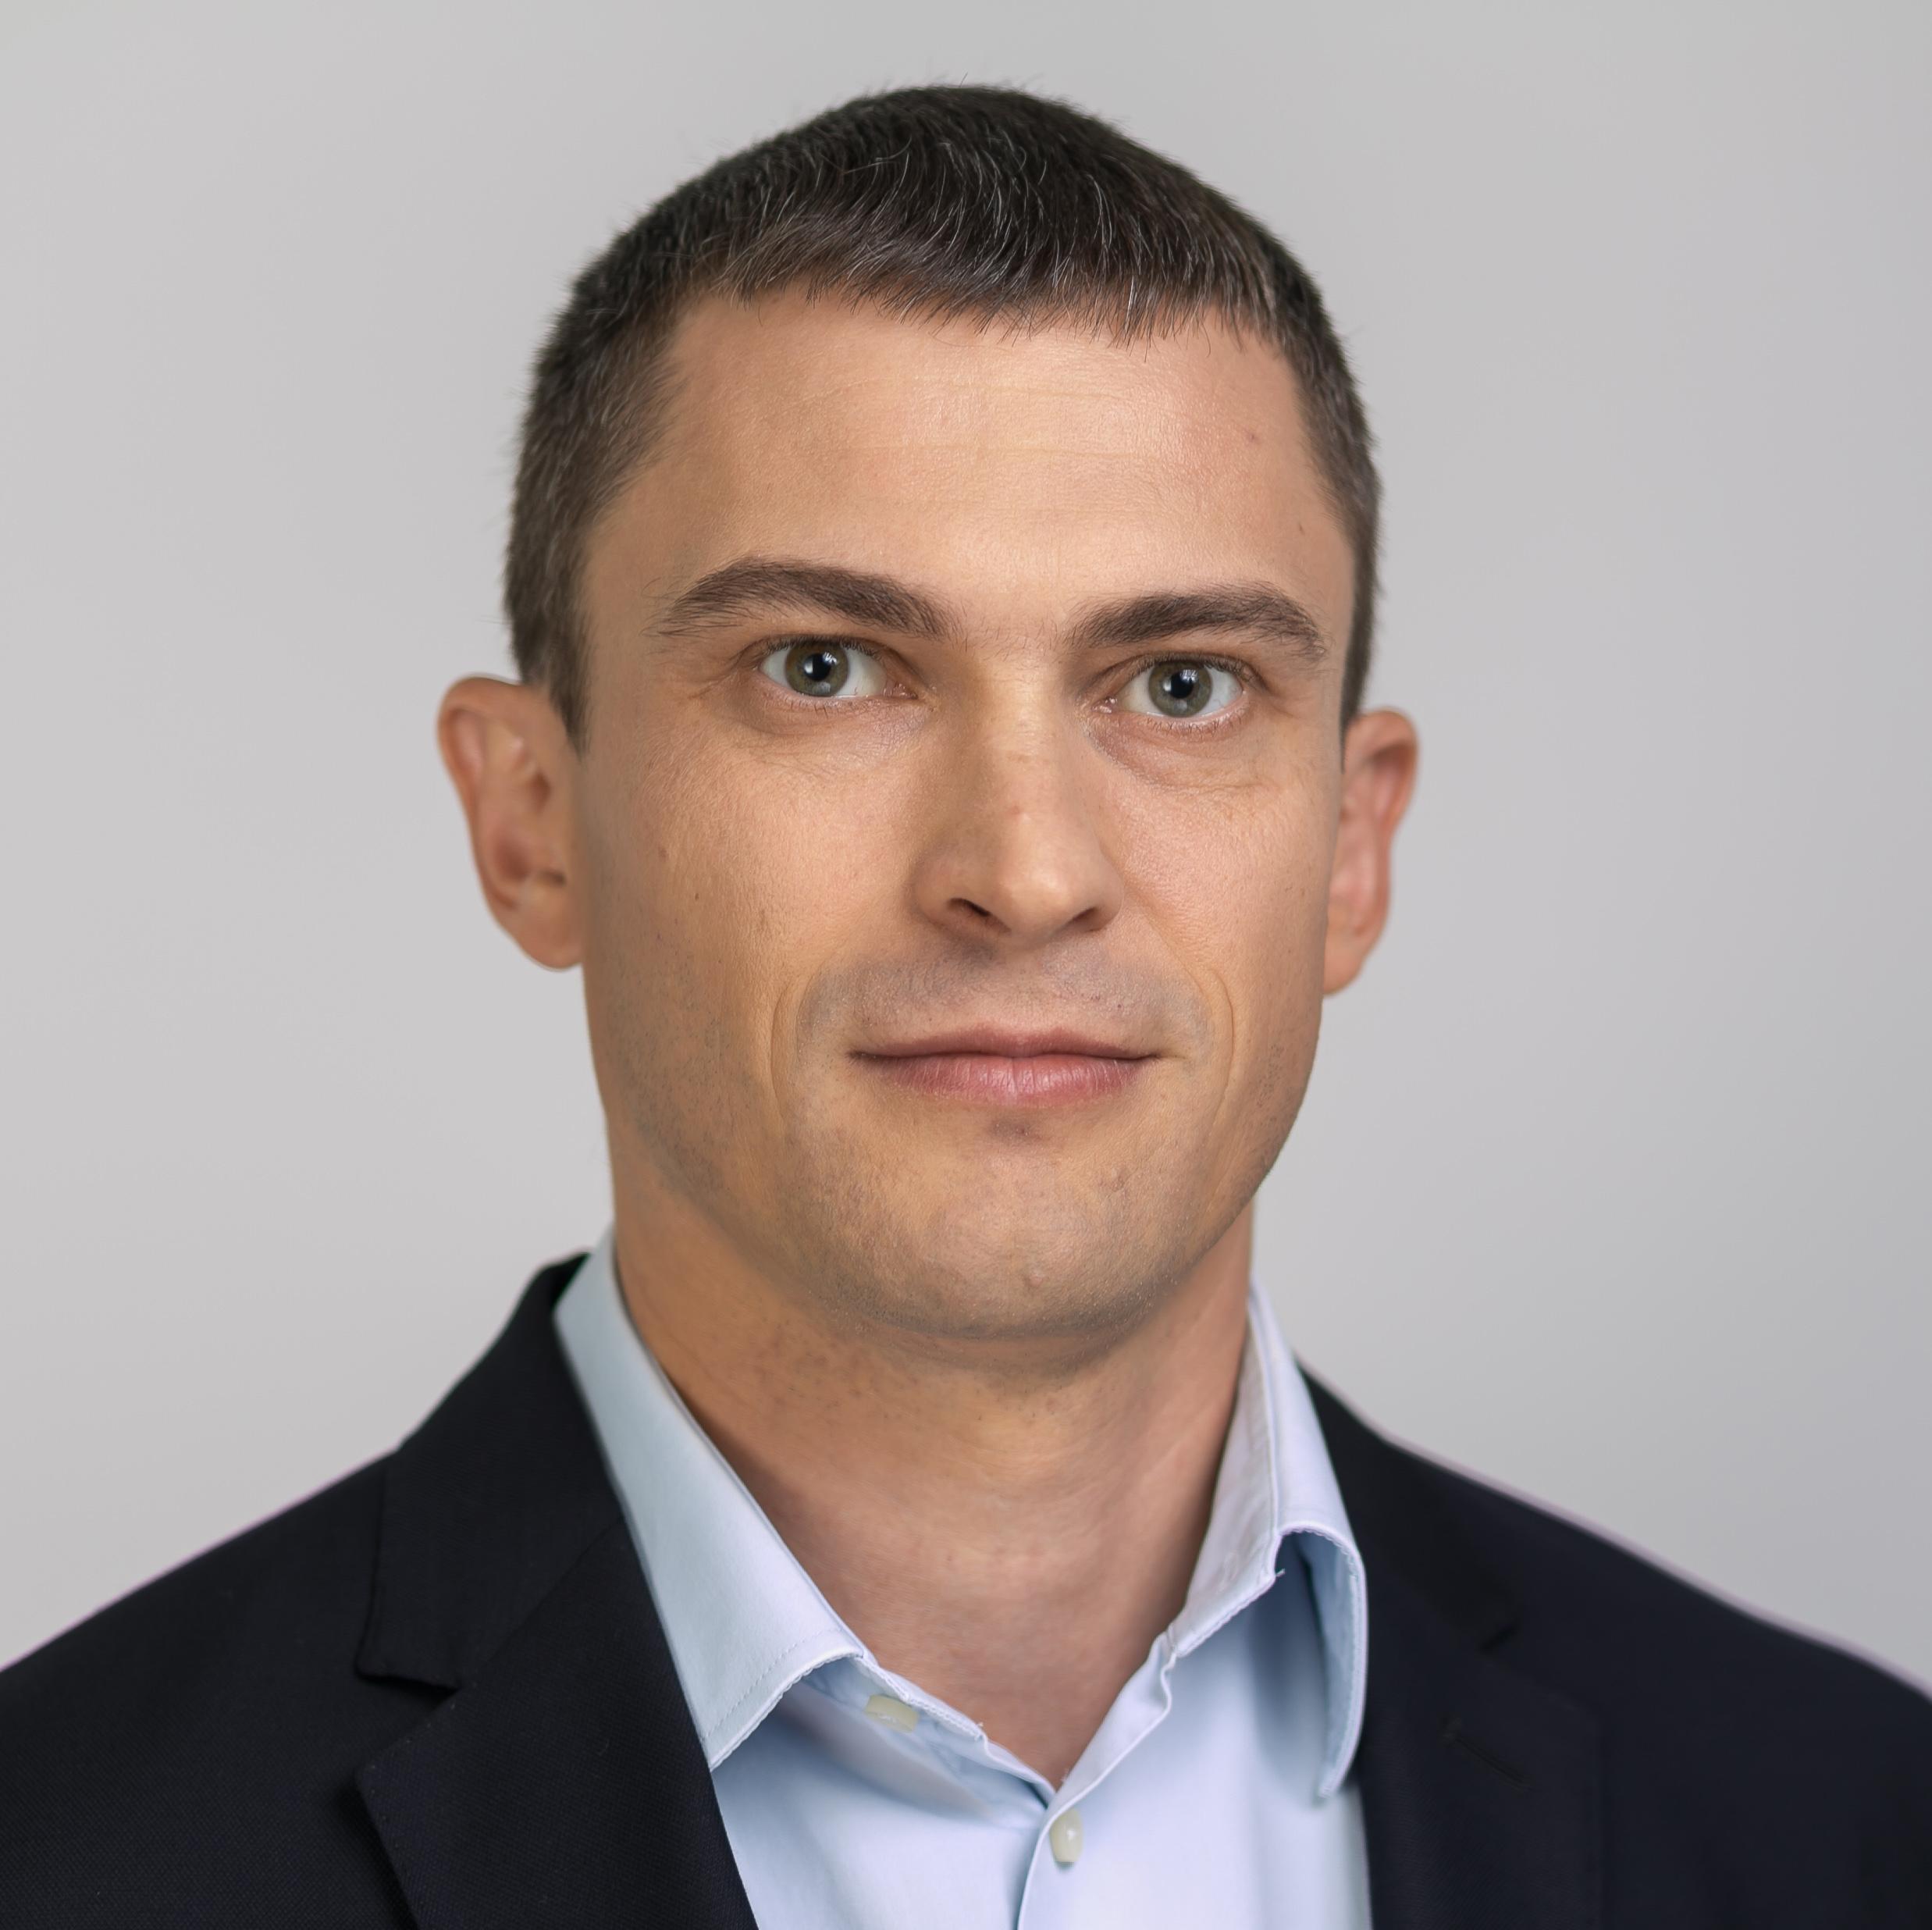 Alexey Starovoytov